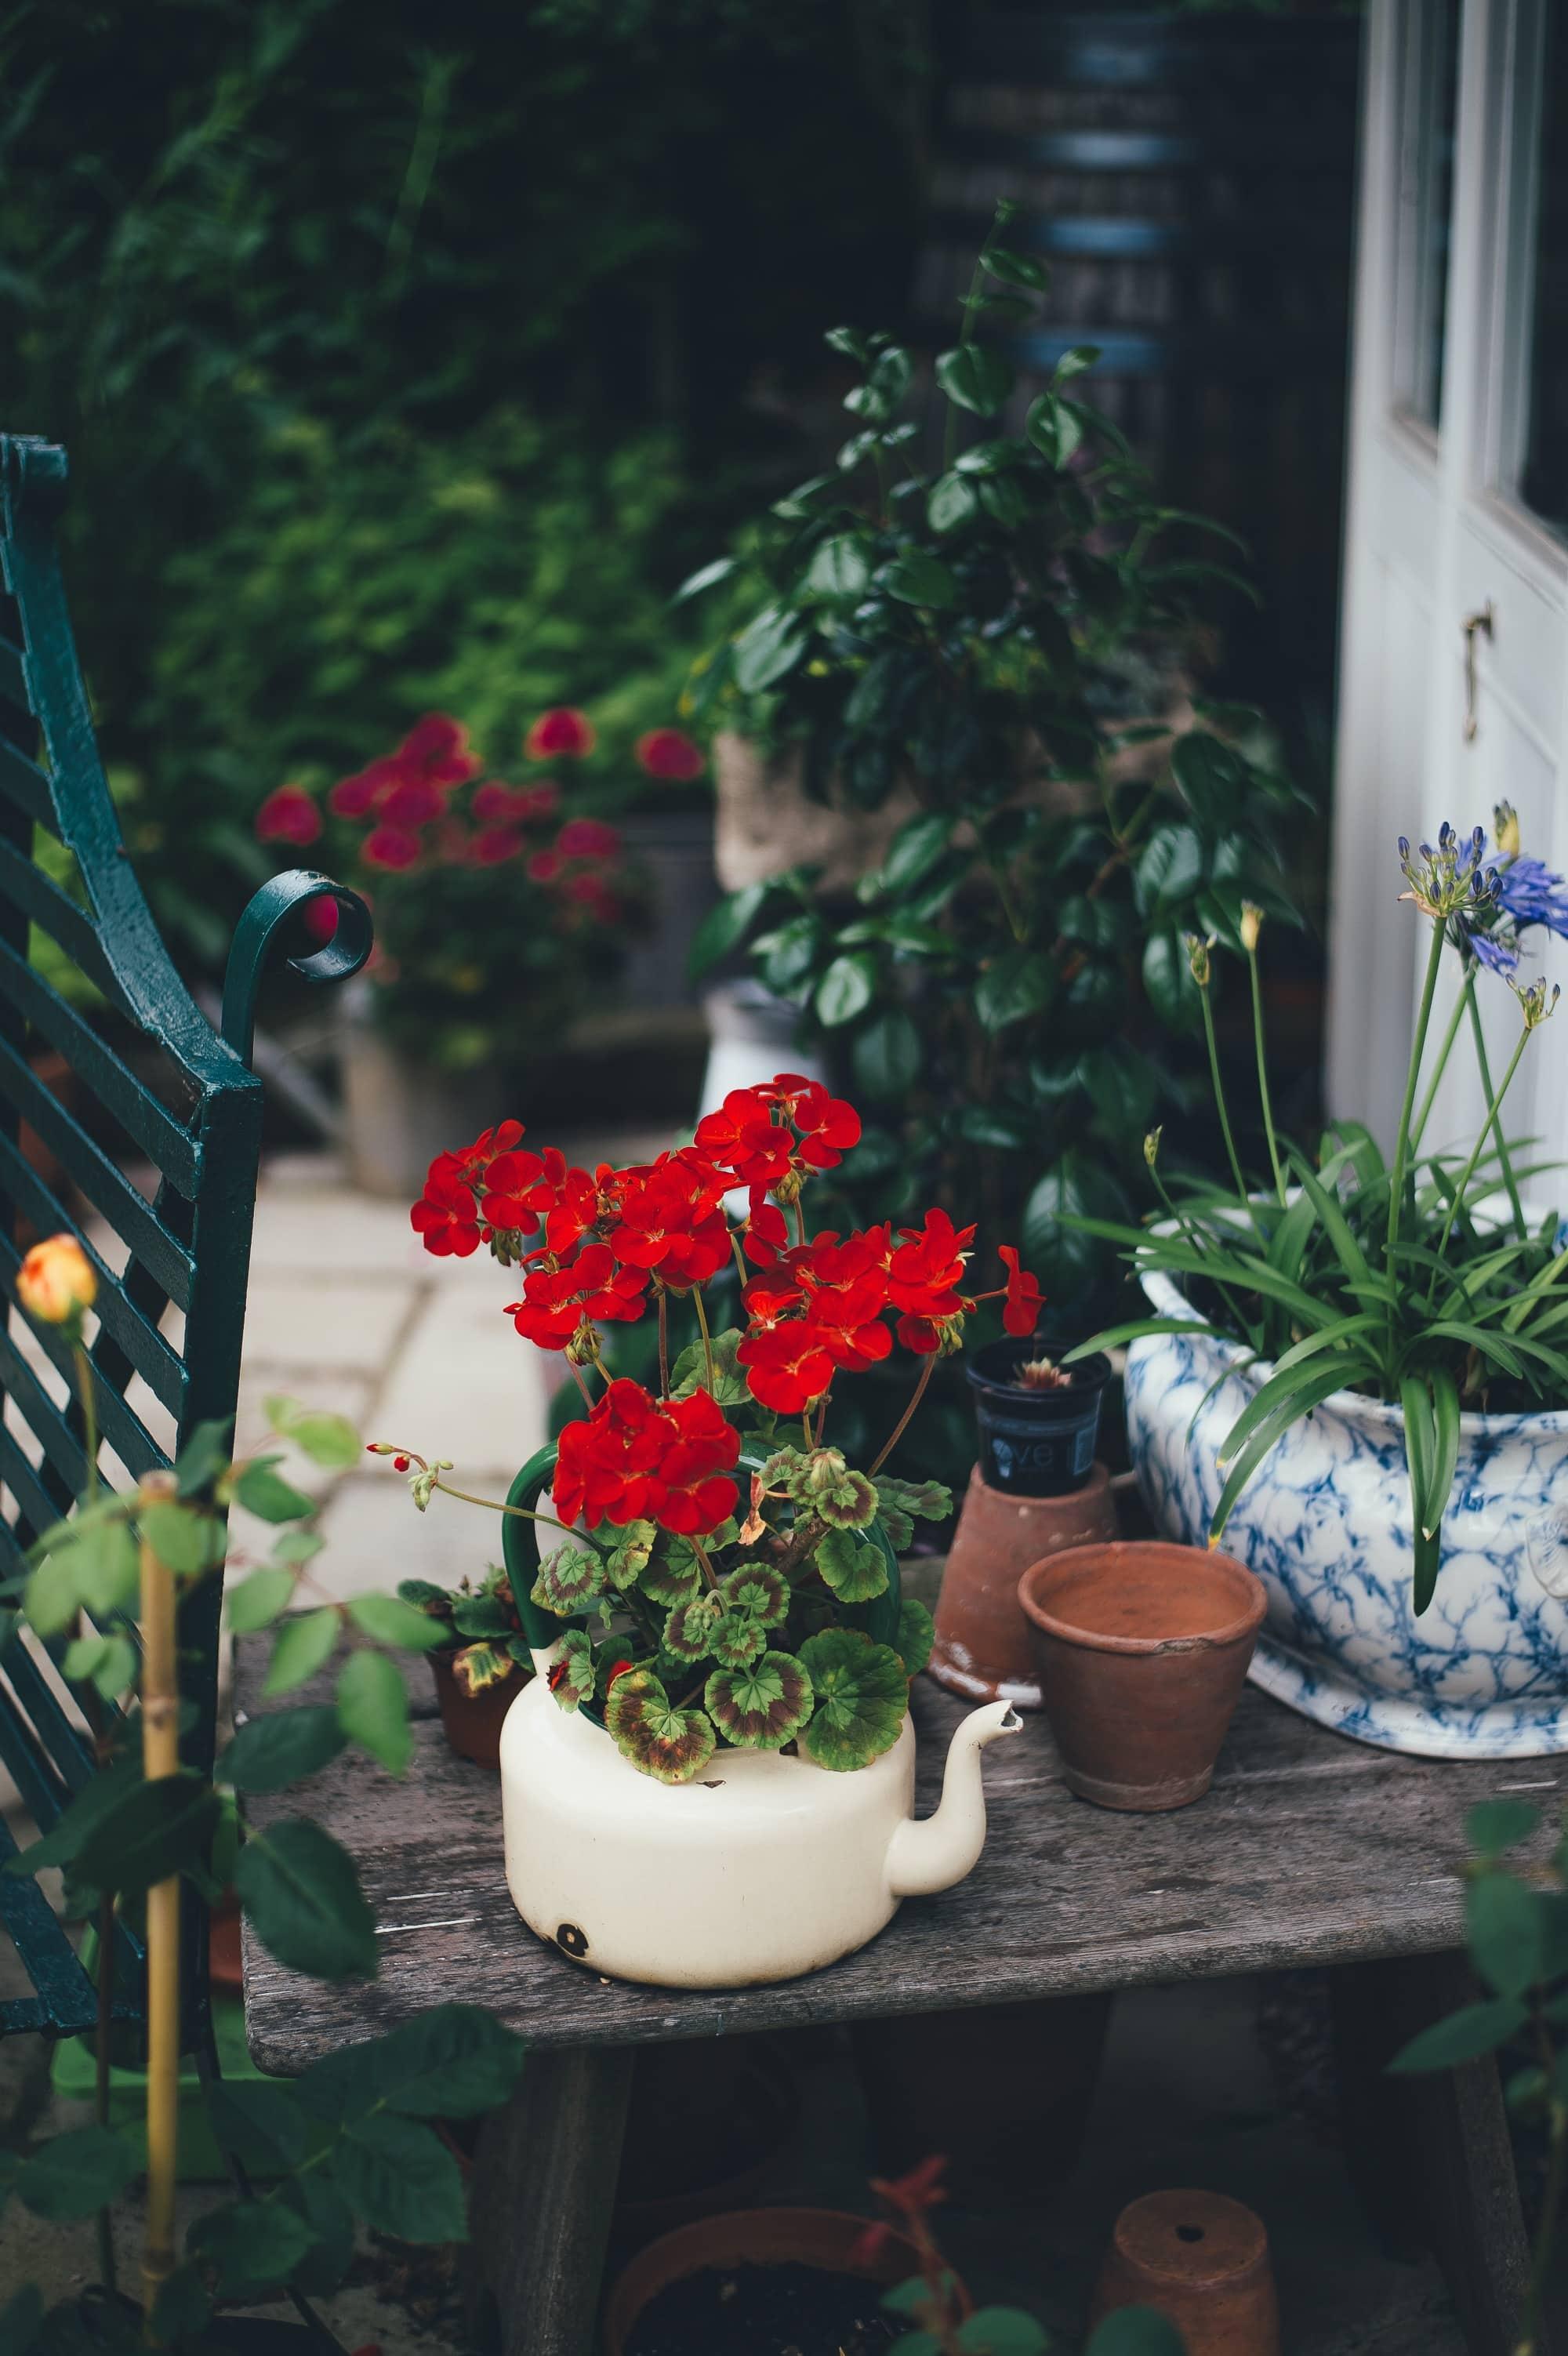 Pots plantes théières avec fleurs rouges